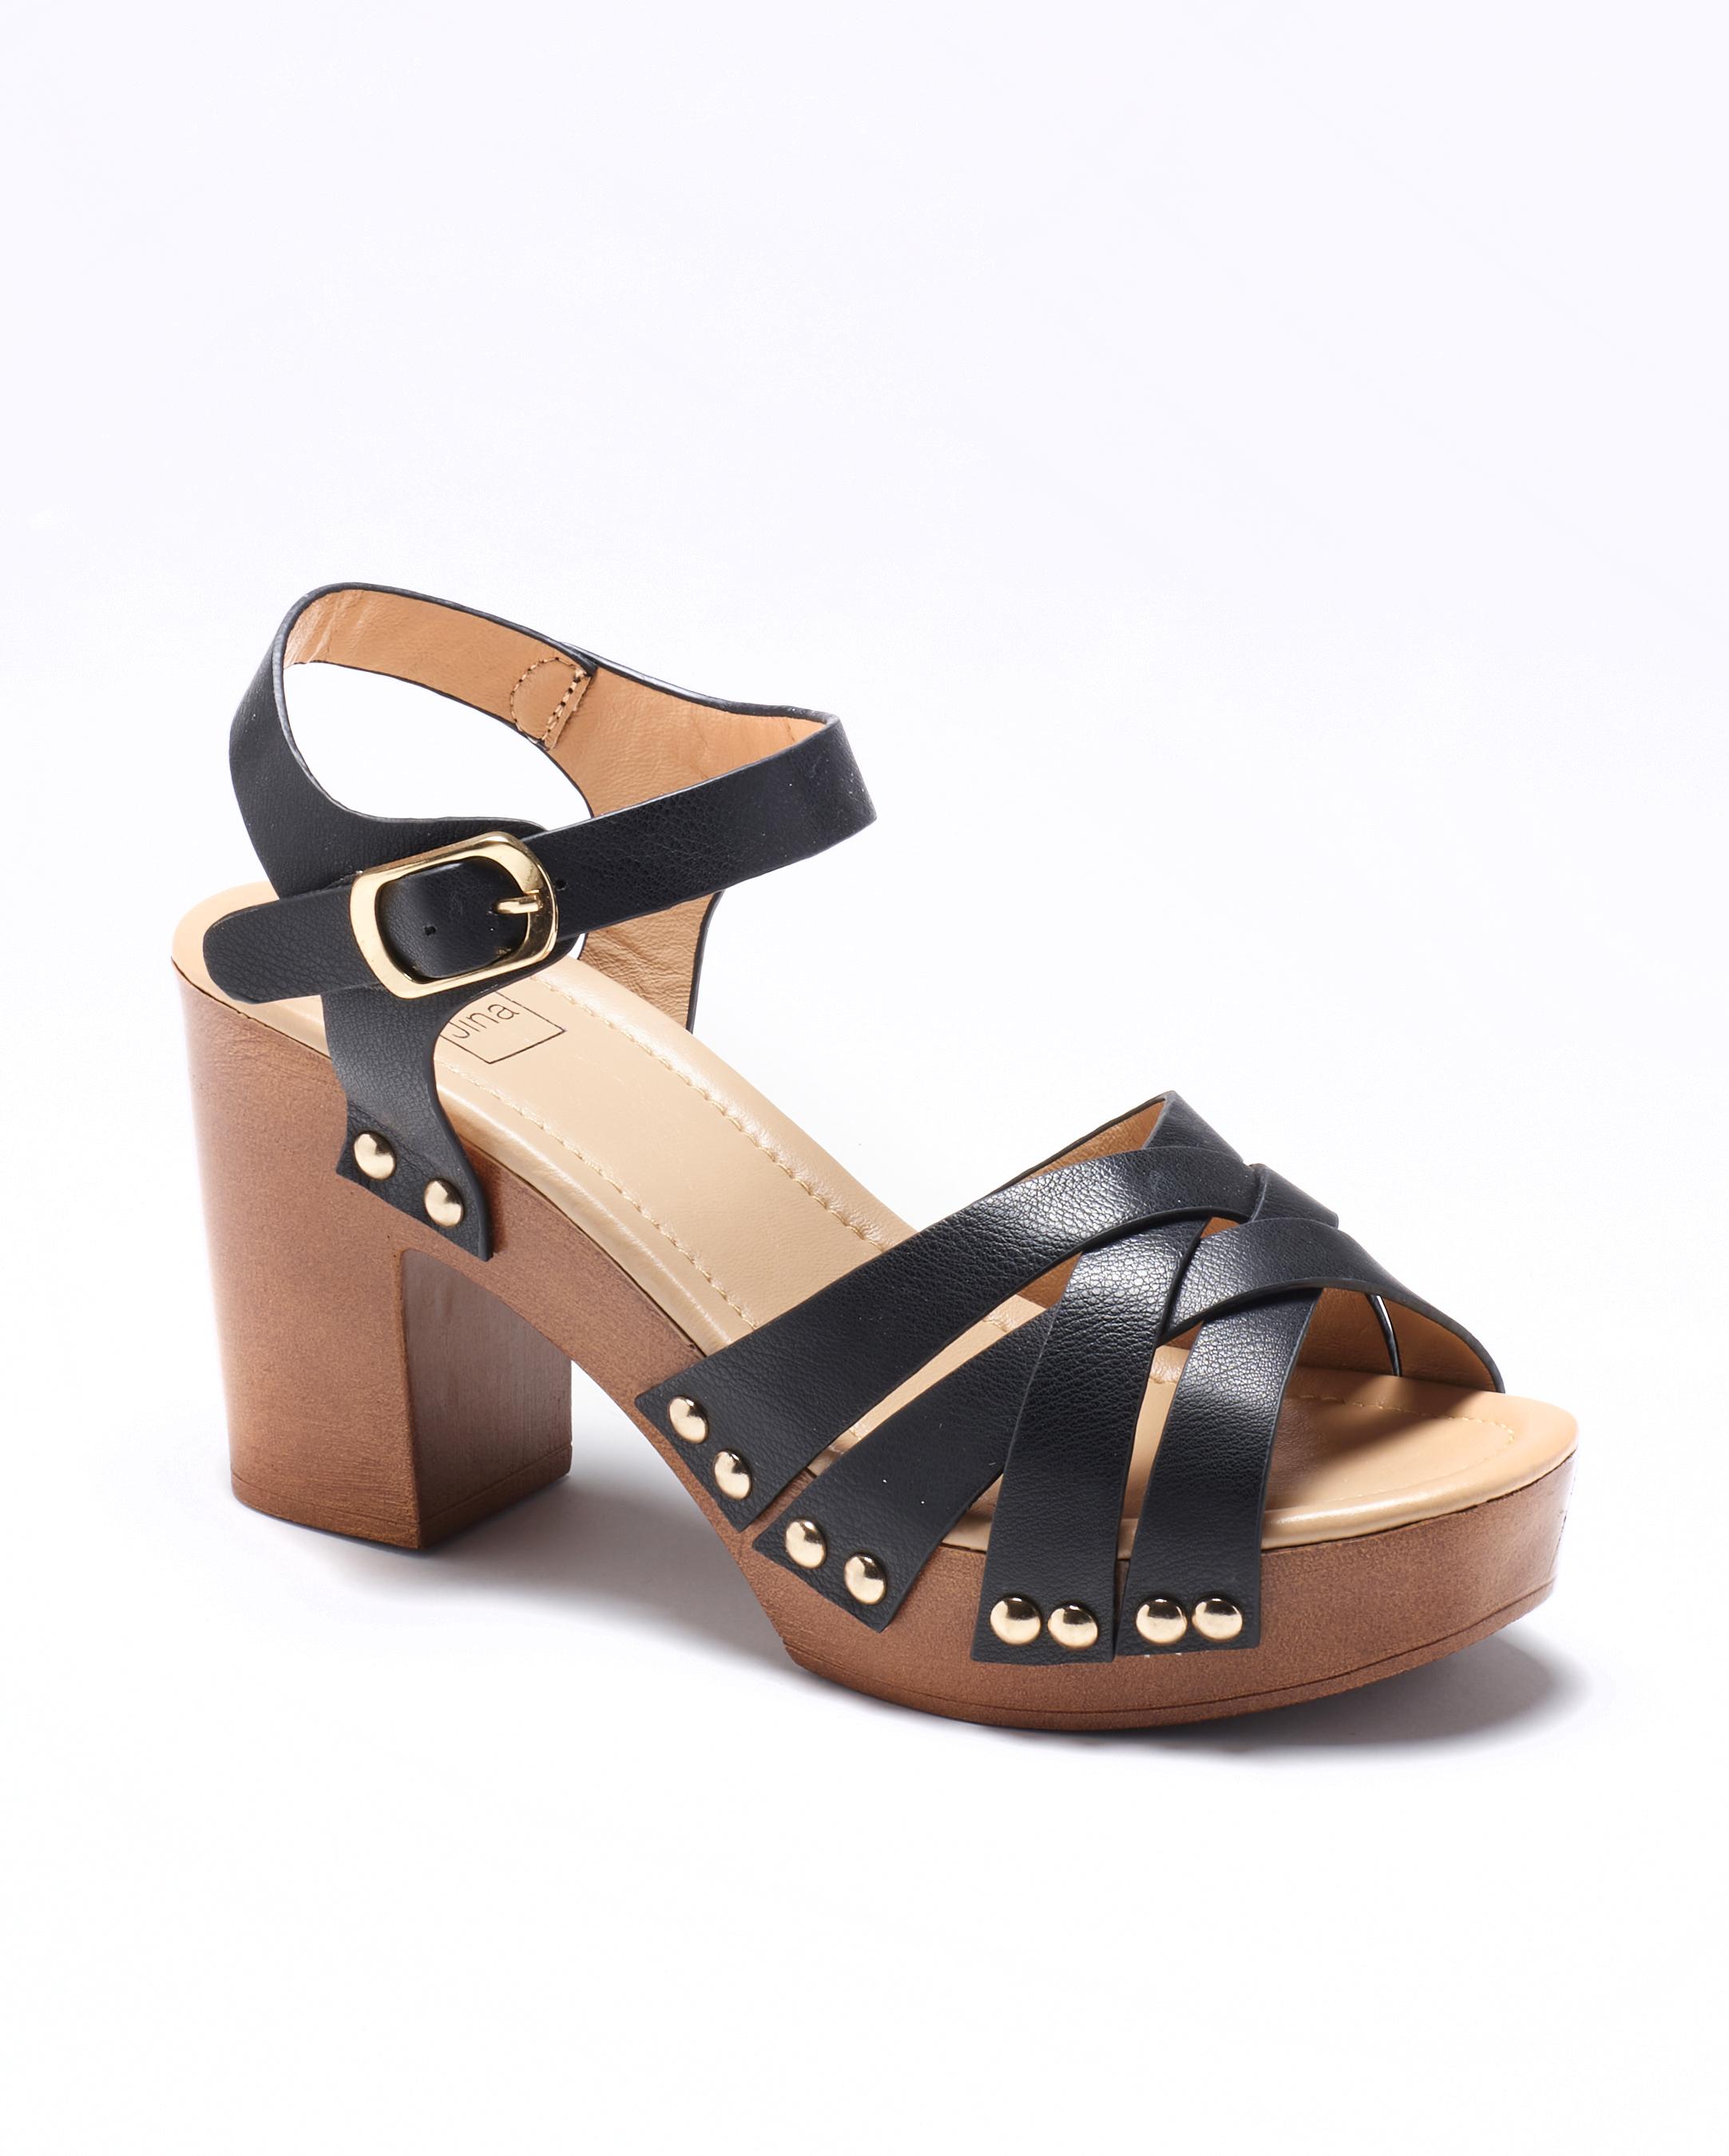 Sandales À Talons Femme - Sandale Talon Decrochee Noir Jina - 725